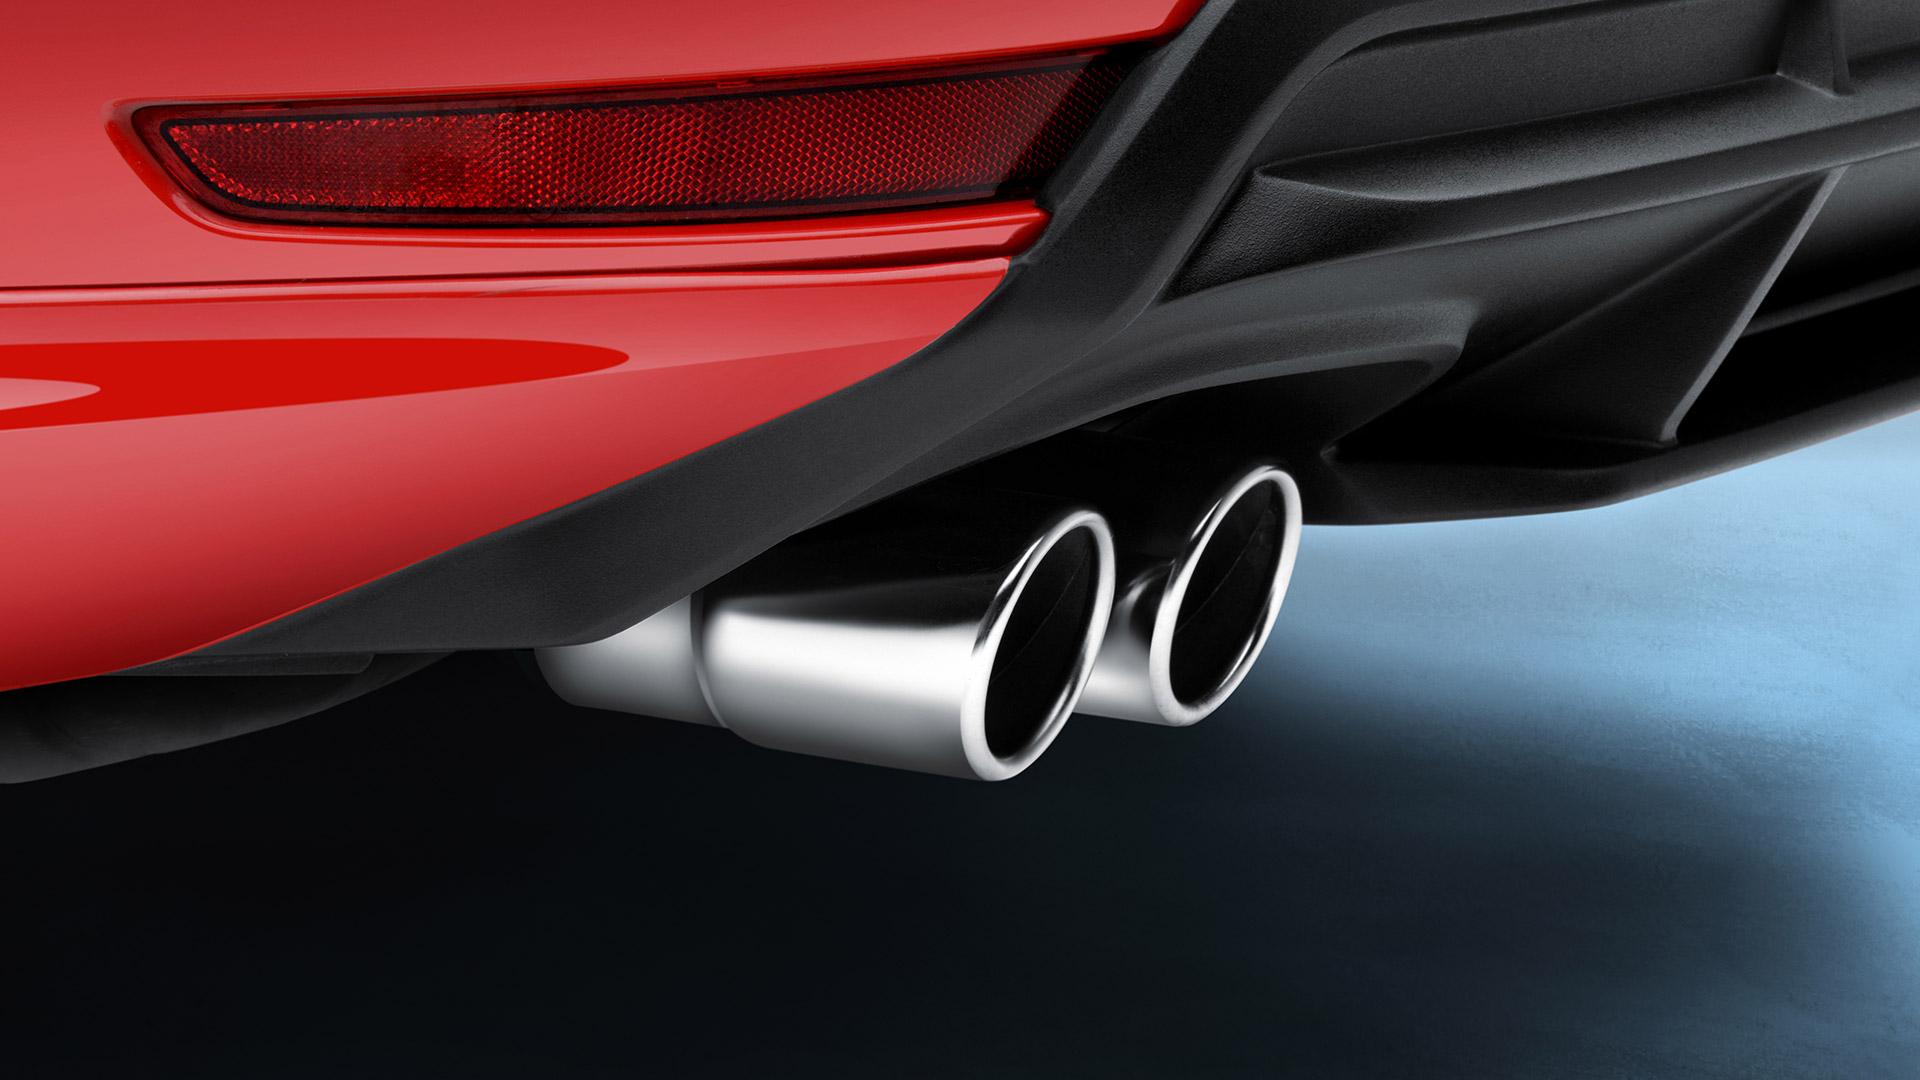 Embellecedor salida de escape VW Jetta A6 de acero inoxidable y con forma biselada.